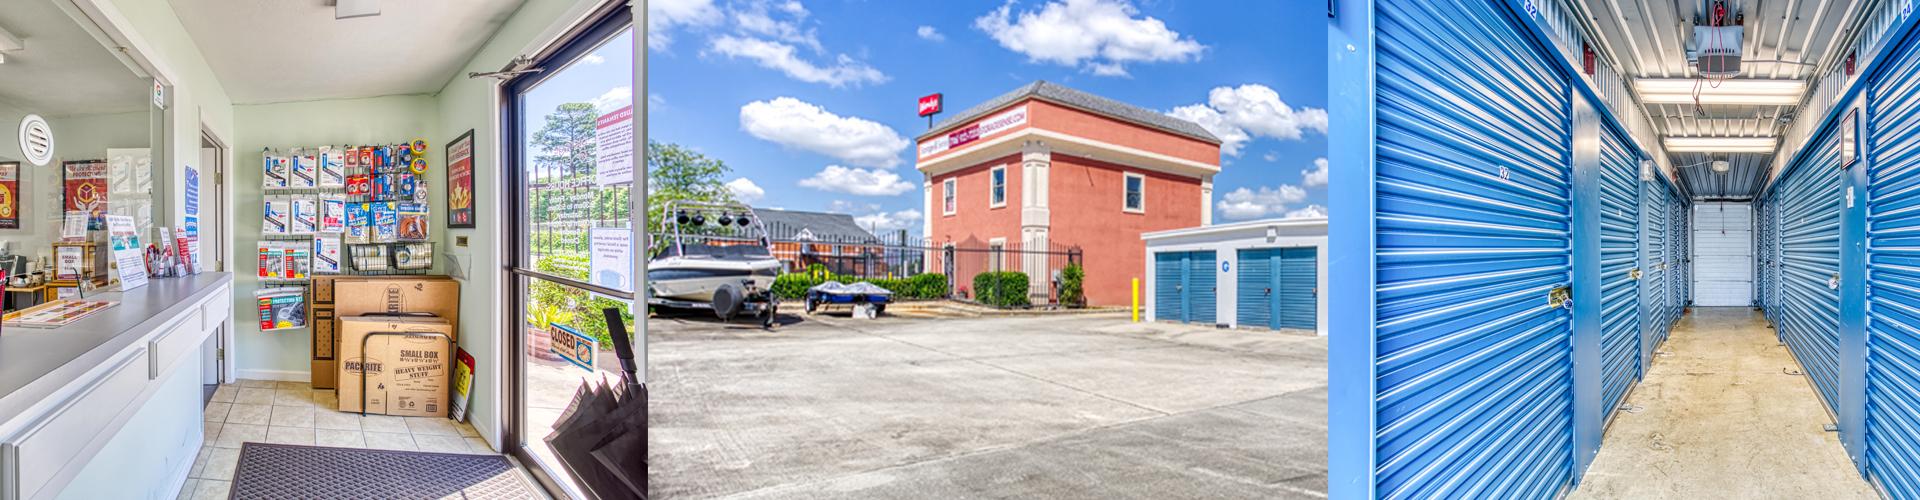 storage units Augusta GA